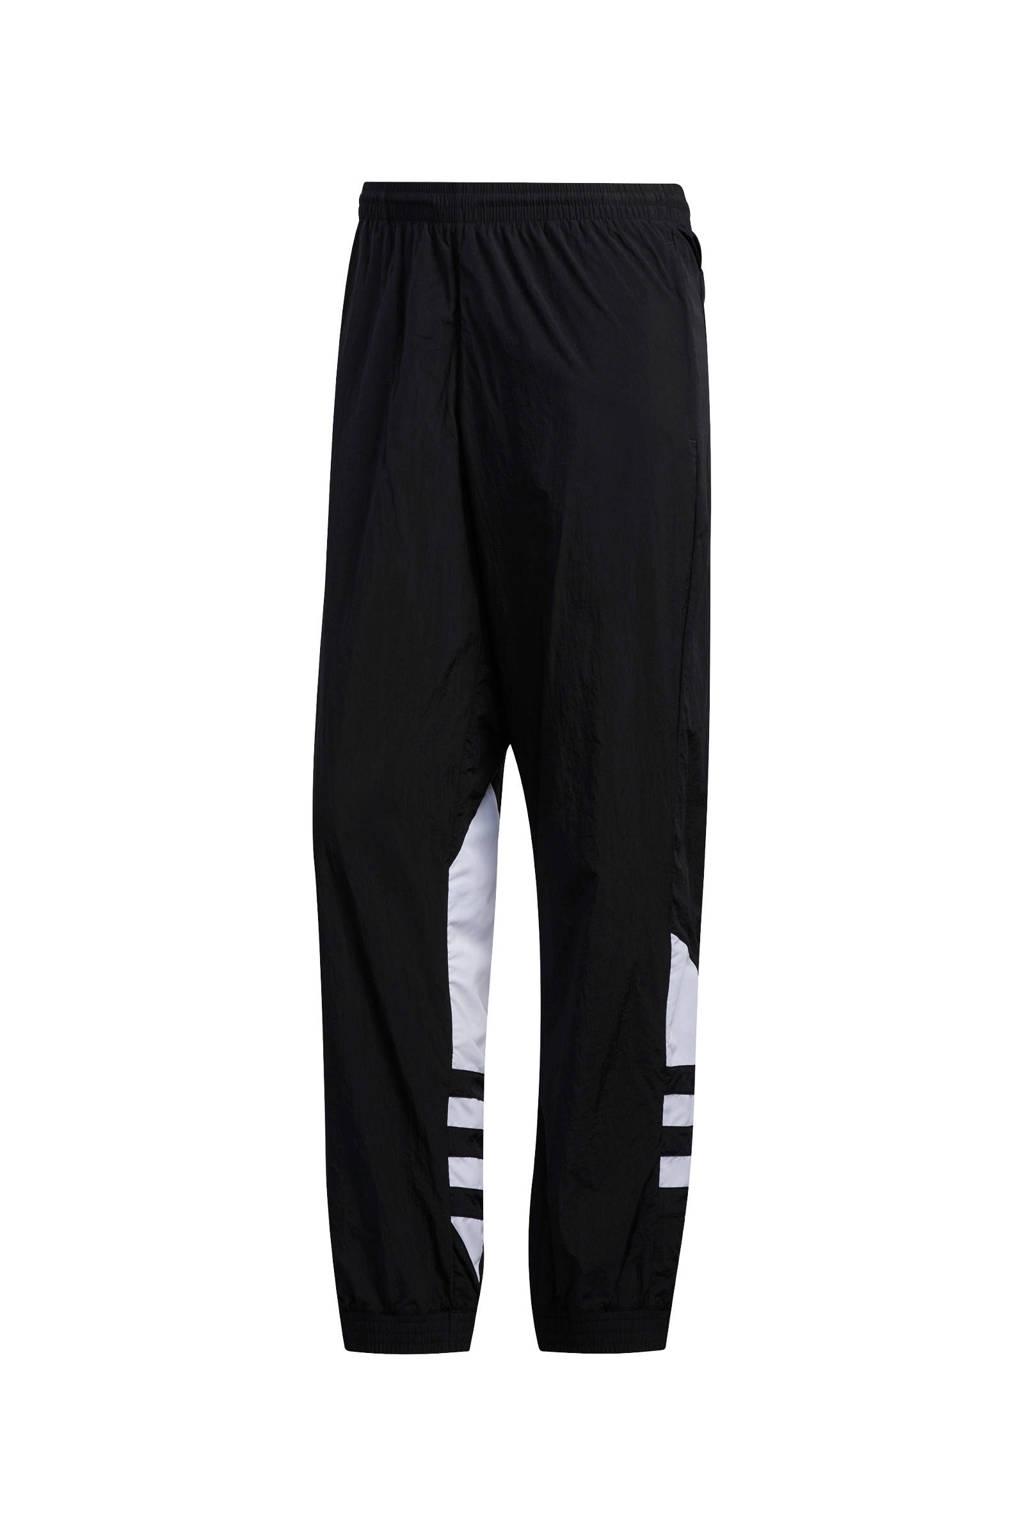 adidas Originals   Adicolor trainingsbroek zwart/wit, Zwart/wit